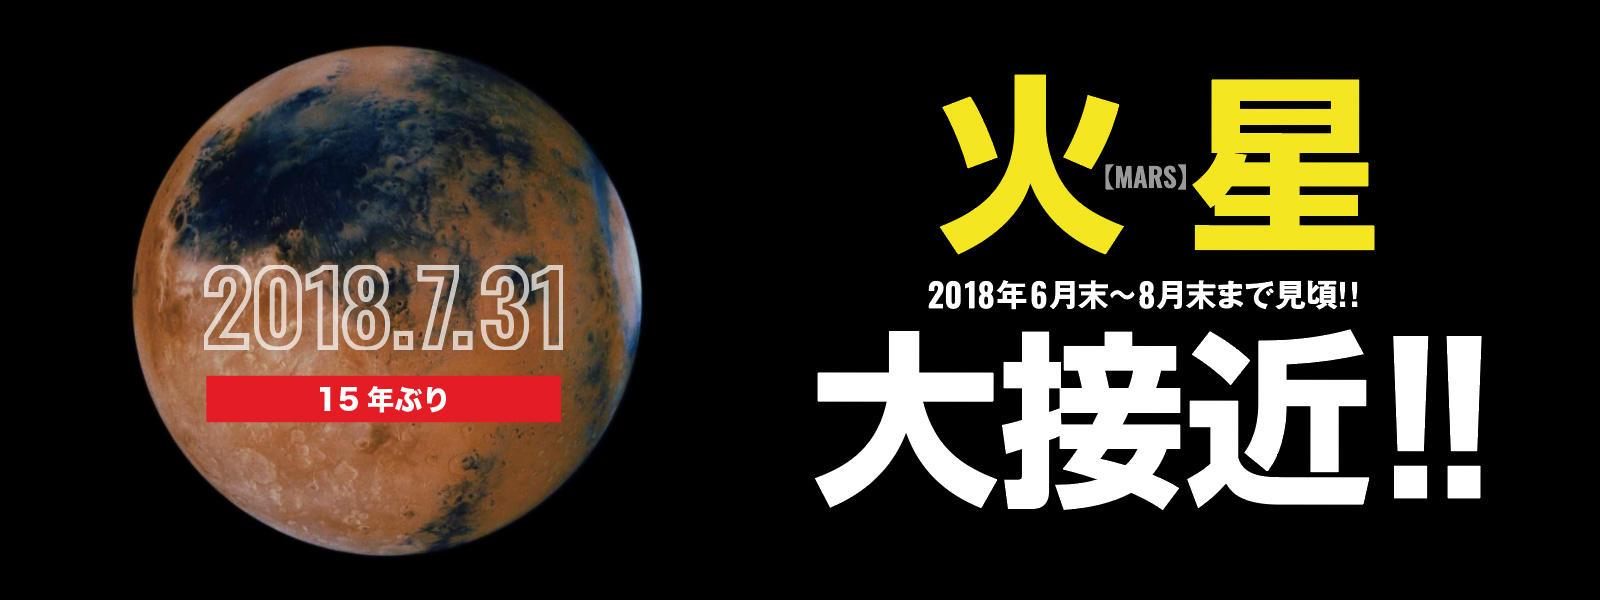 火星大接近!!2018年6月末~8月末まで火星が見ごろ